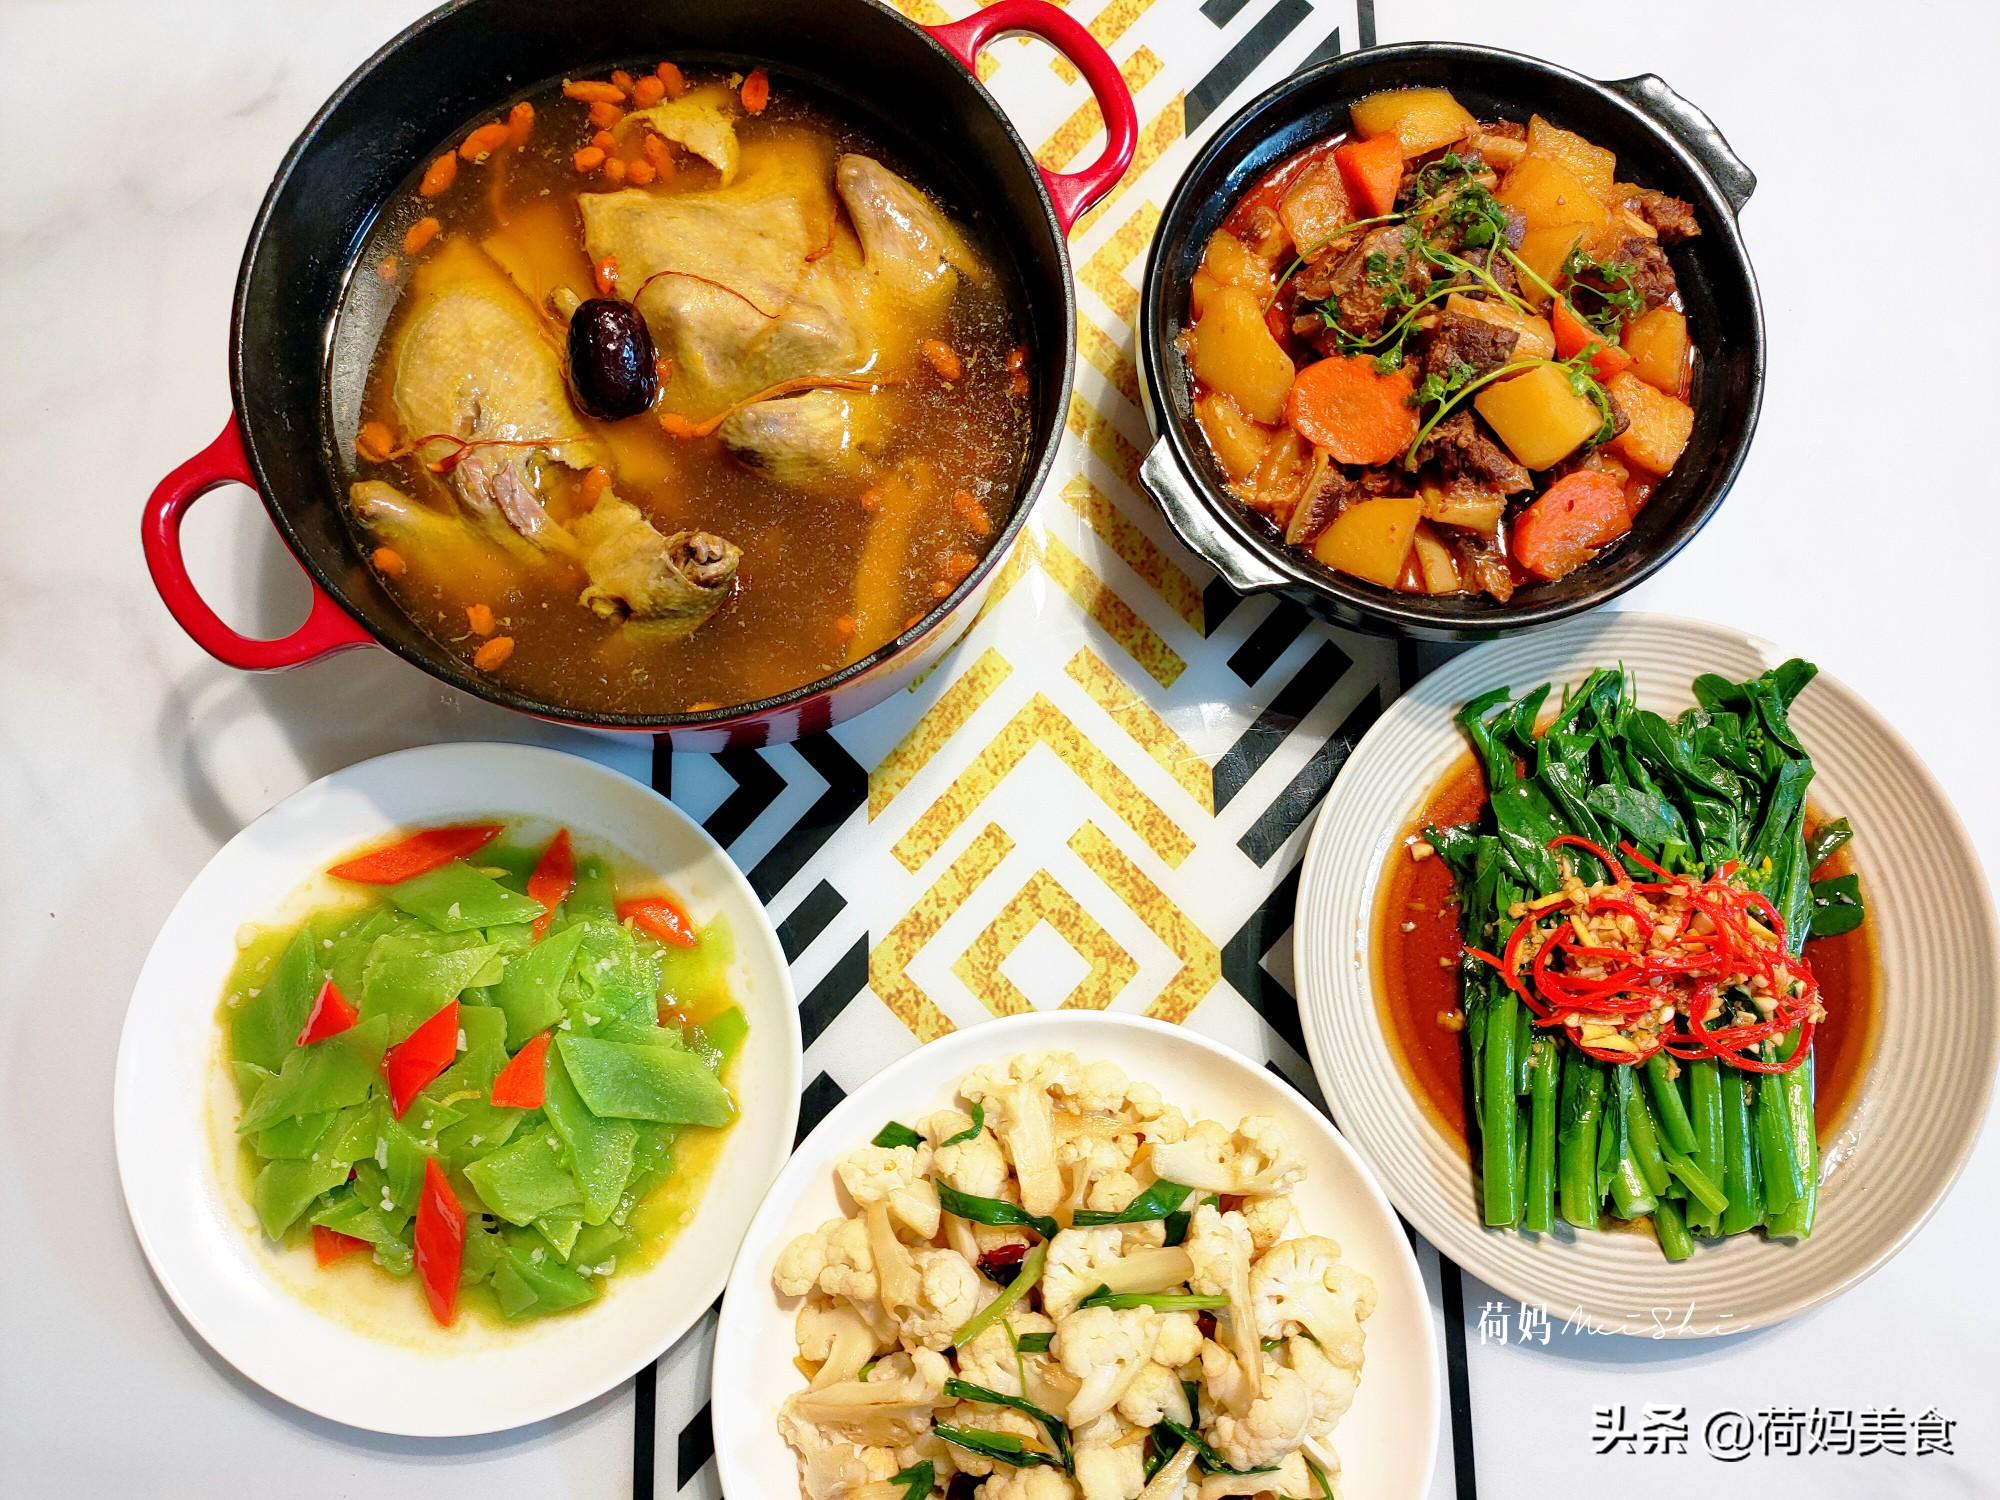 晒晒妈妈用心做的晚餐,四菜一汤真丰盛,简单家常、营养味美 美食做法 第7张